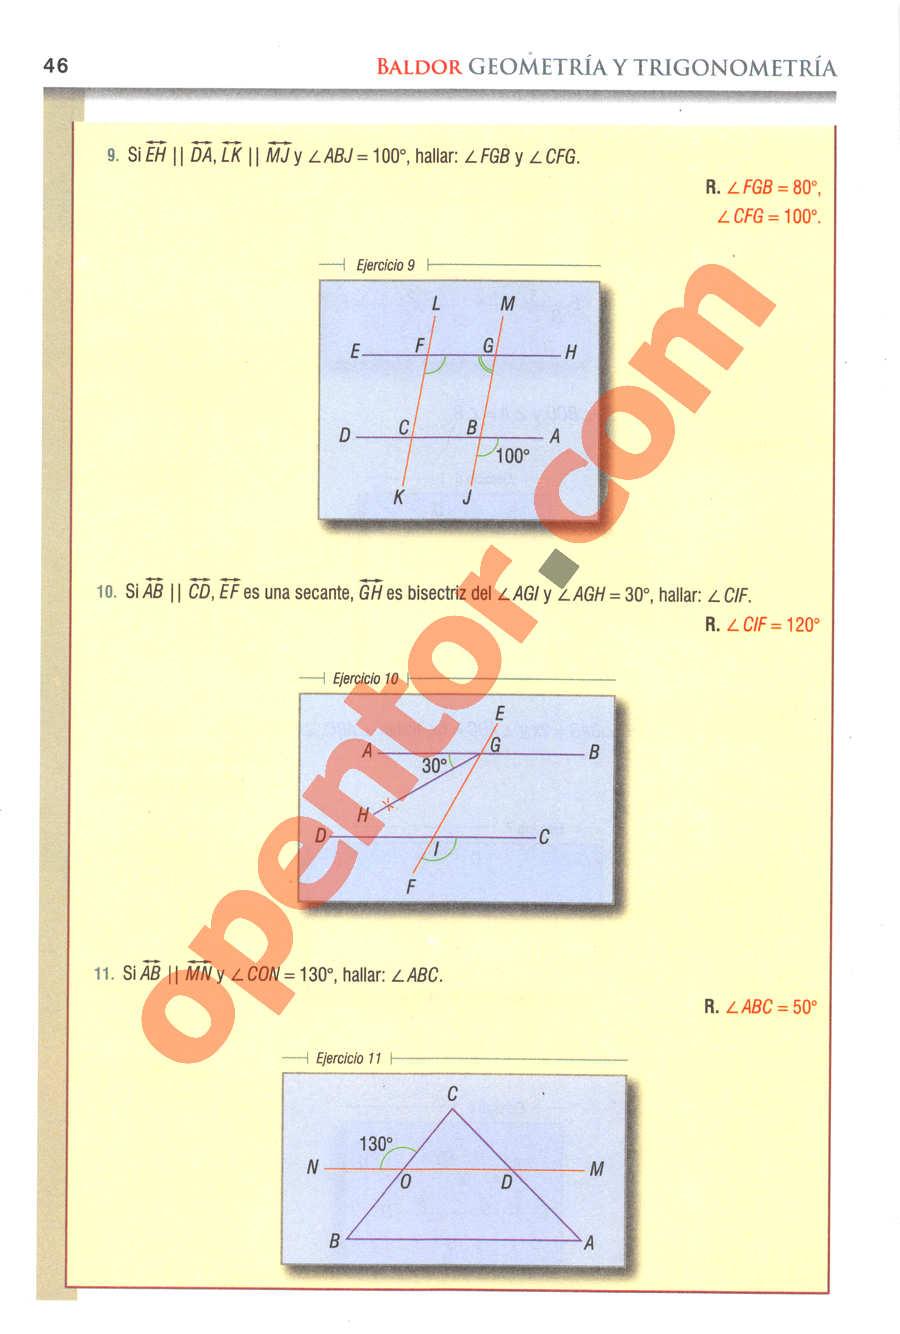 Geometría y Trigonometría de Baldor - Página 46